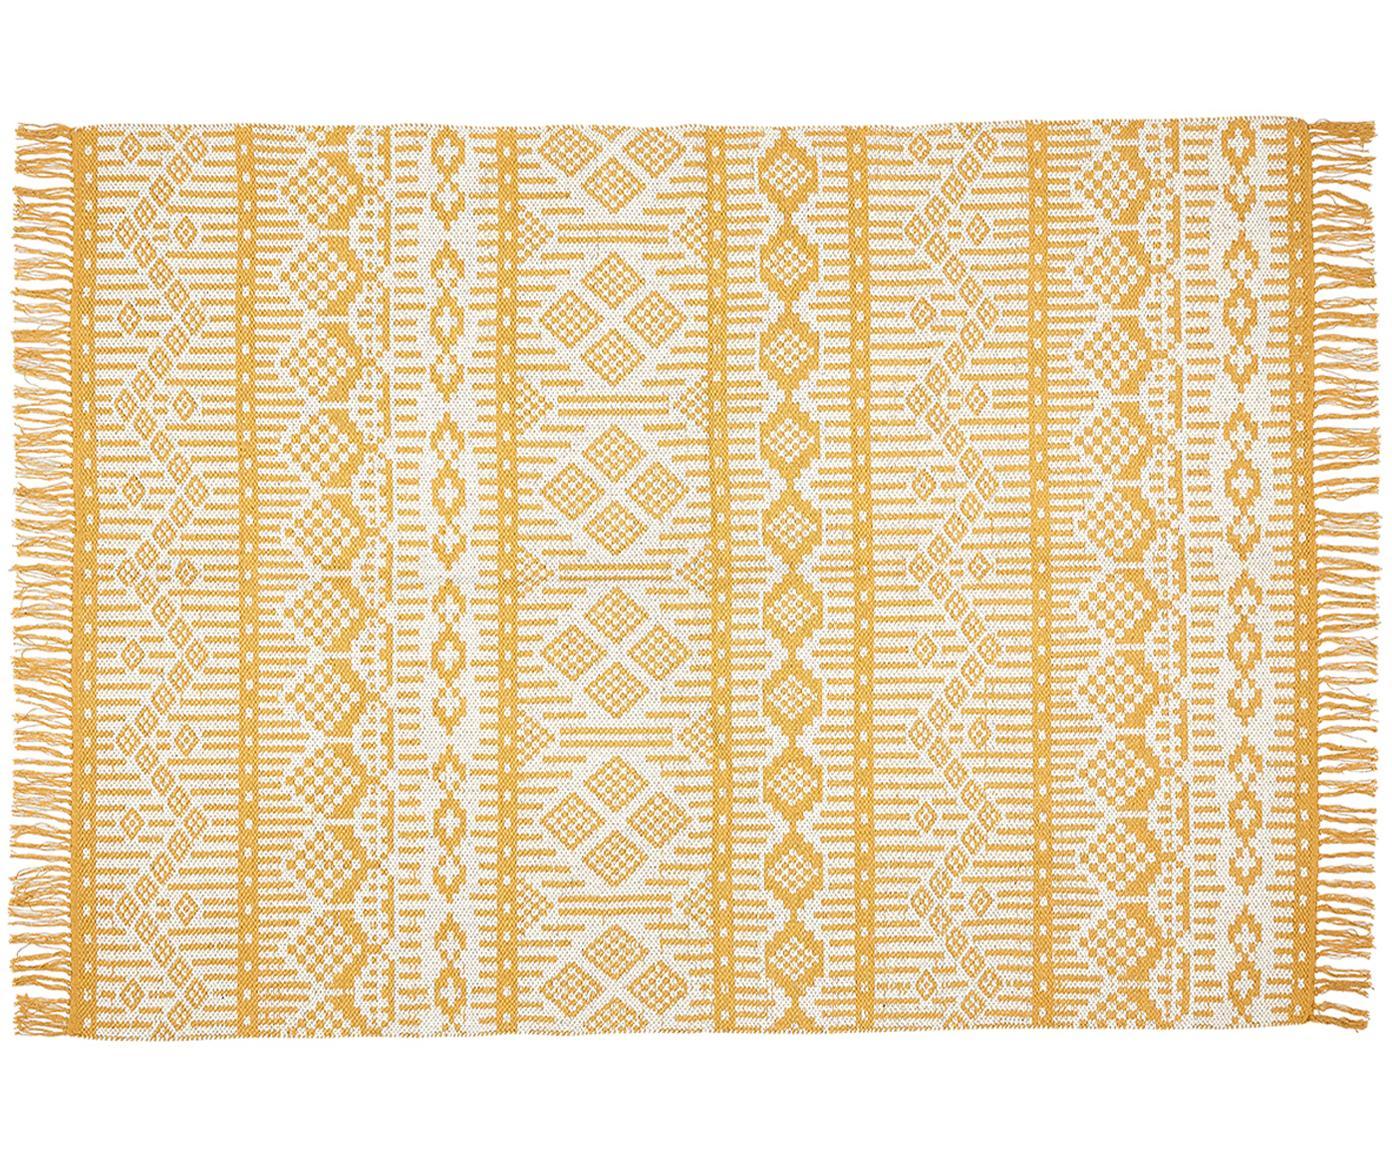 Tappeto etnico in cotone riciclato Panama, Cotone riciclato, Crema, giallo senape, Larg. 60 x Lung. 90 cm (taglia XXS)